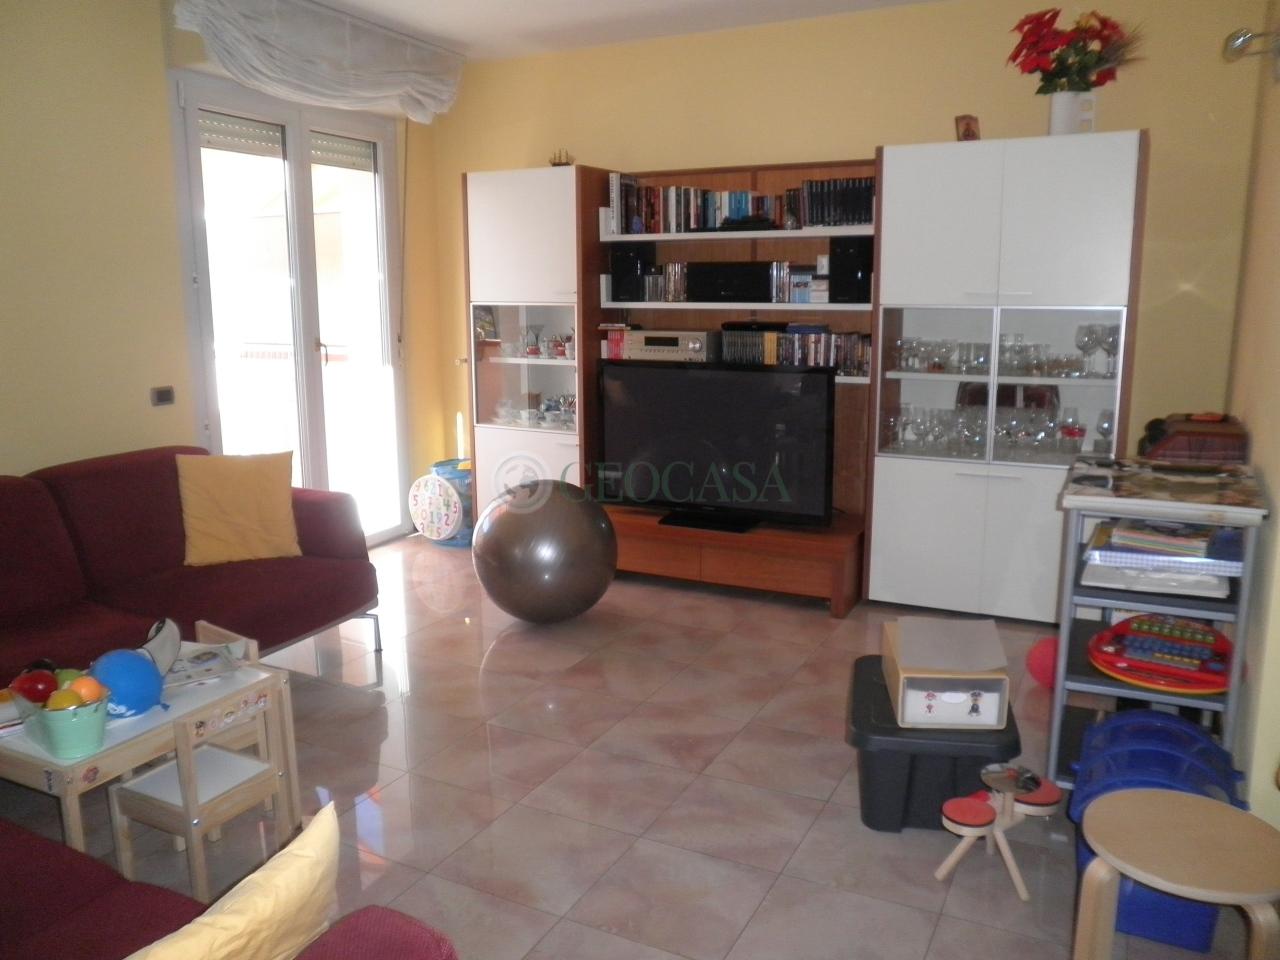 Appartamento in vendita a Vezzano Ligure, 5 locali, prezzo € 190.000 | CambioCasa.it